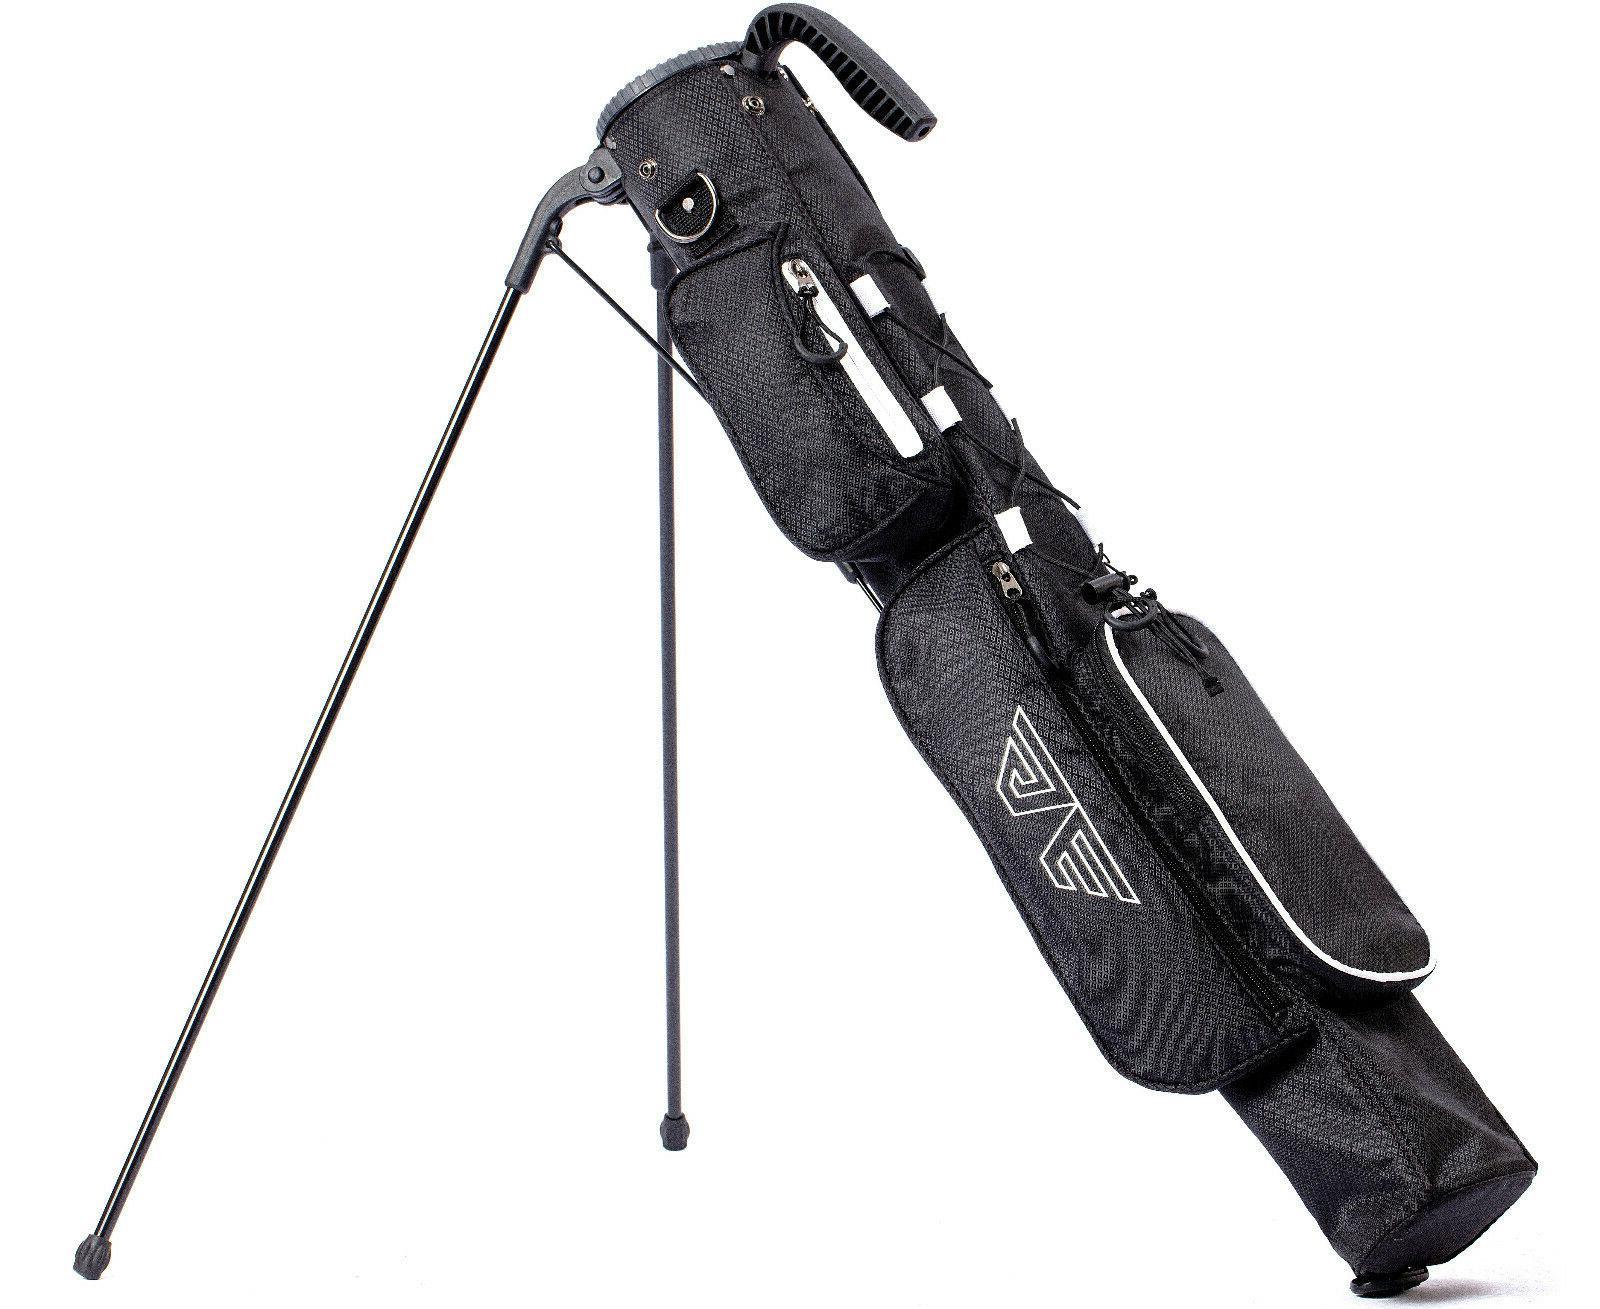 Easy Carry Golf Bag/Suday Bag/Carry